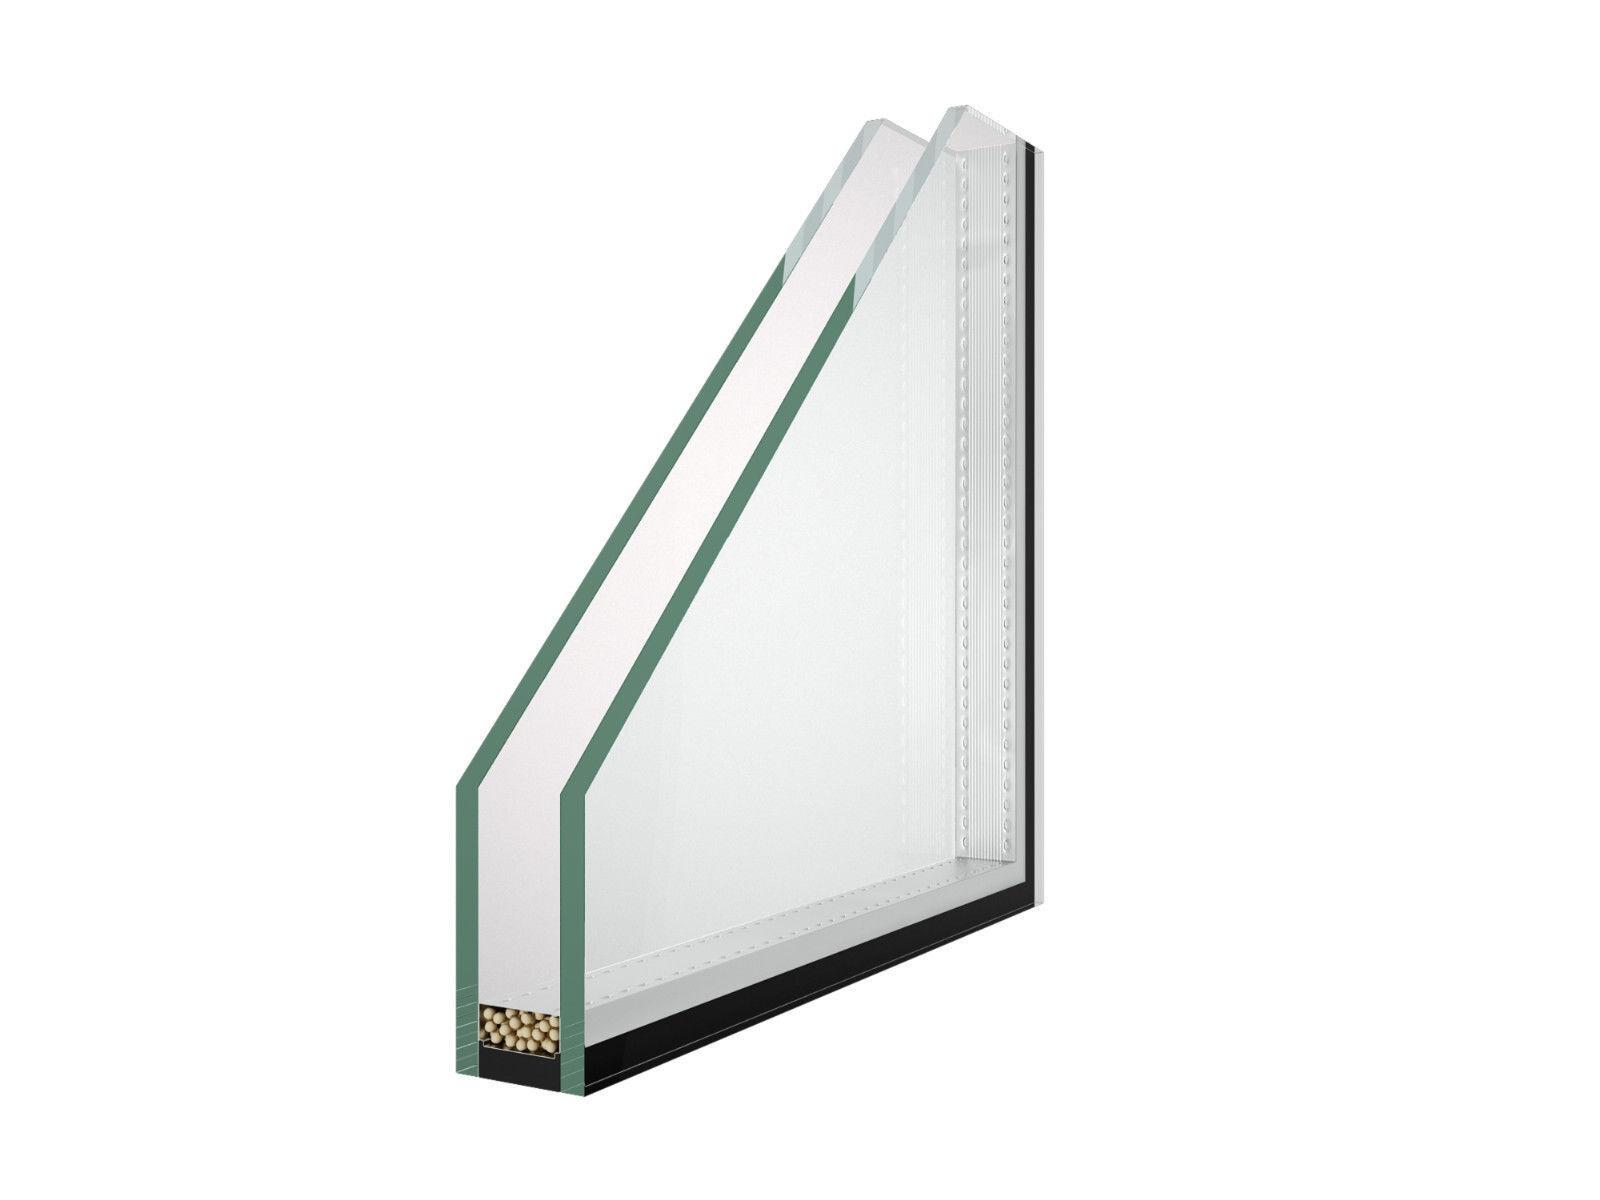 Isolierglas Glasscheibe Isolierglasscheibe Wärmeschutzglas Fenster Ersatzscheibe